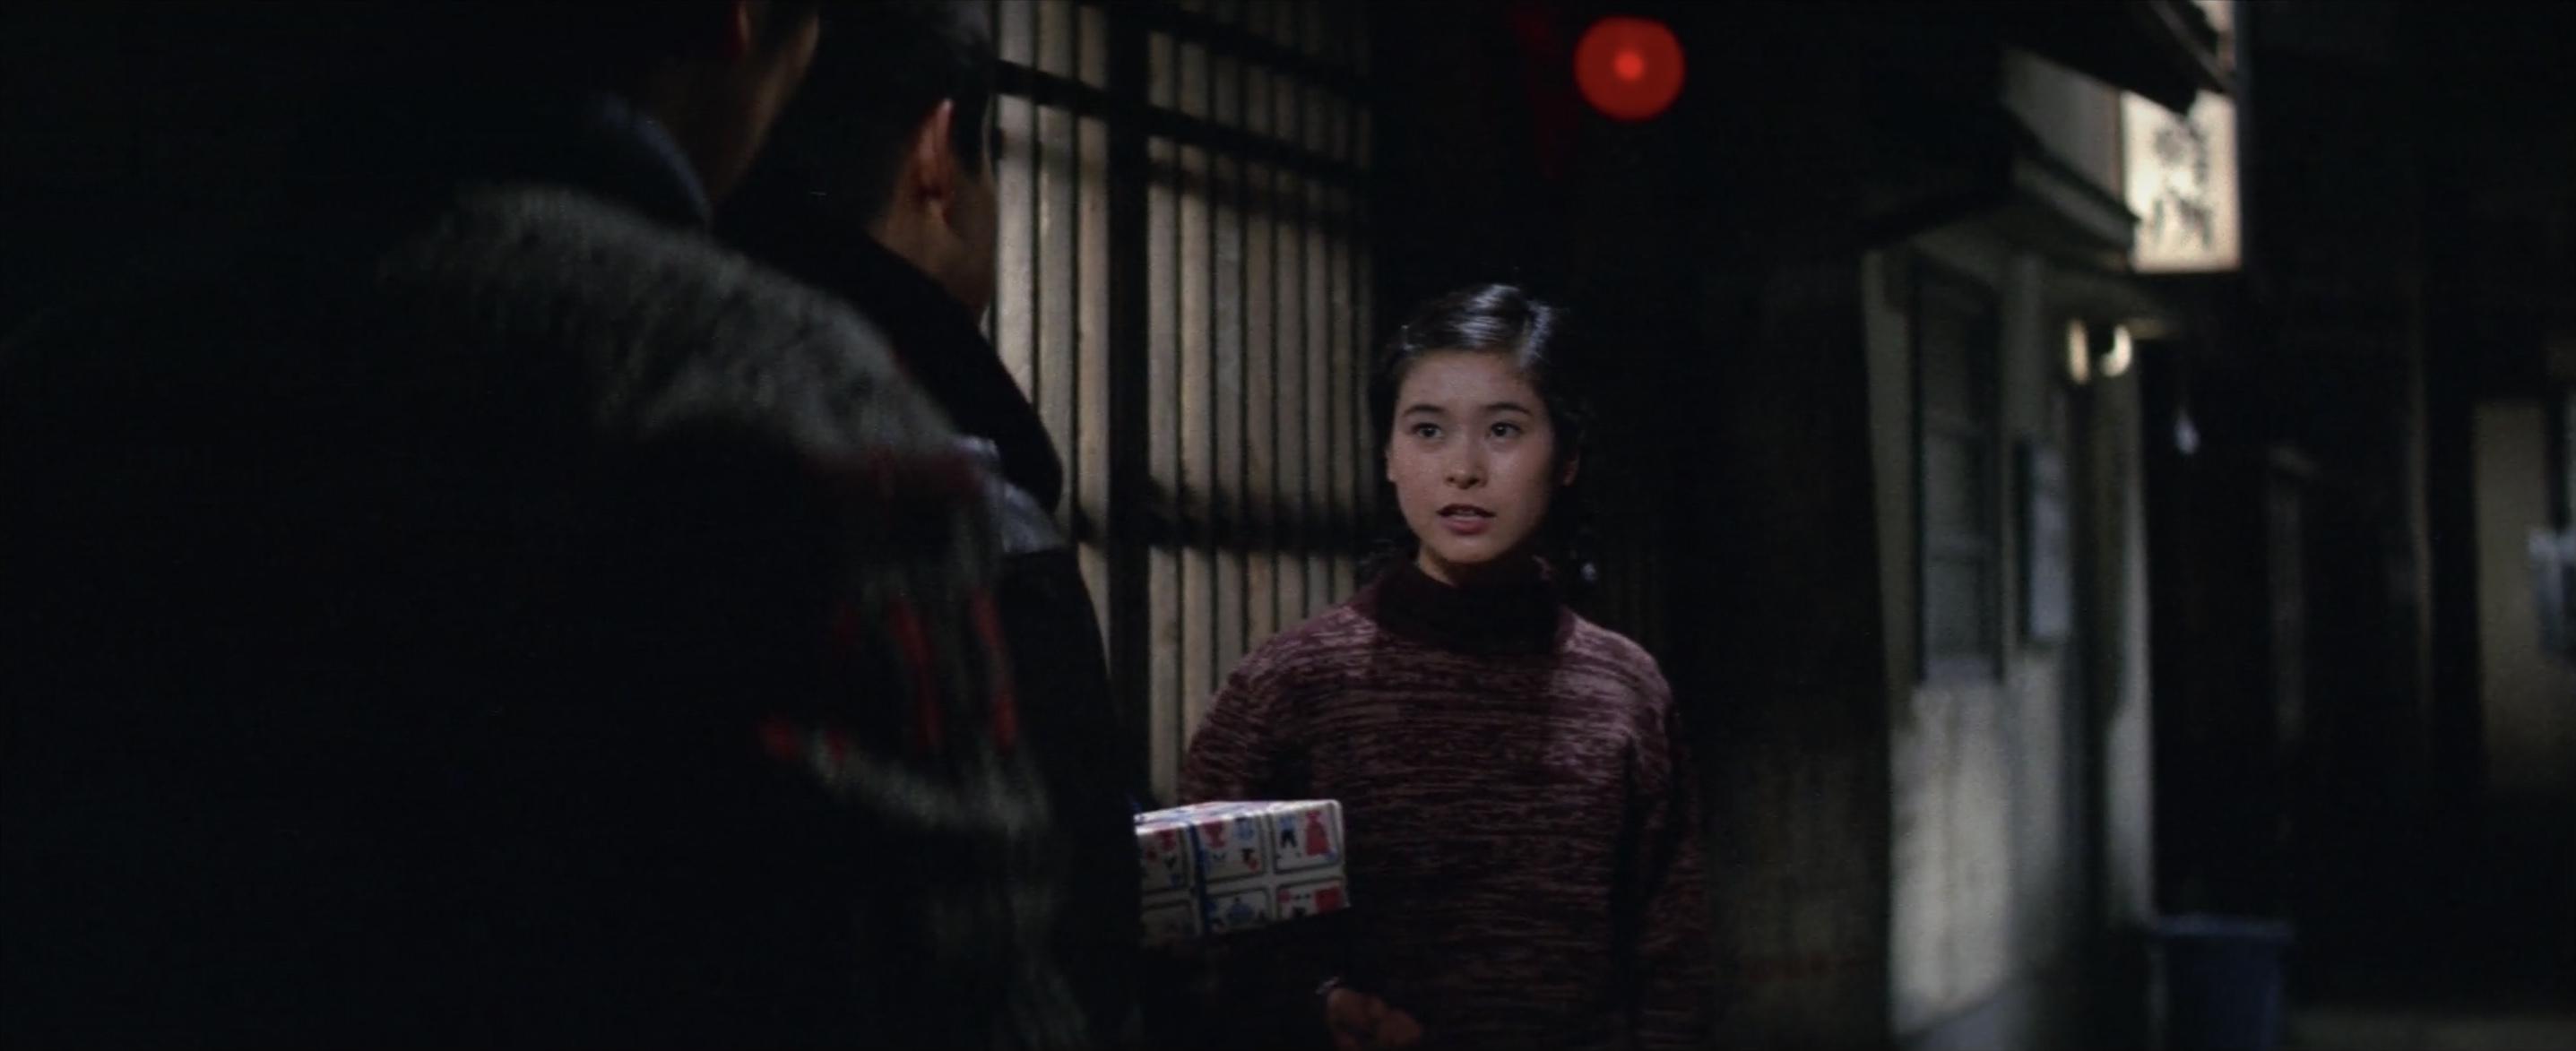 西尾三枝子(Mieko Nishio)「美しい十代」(1964)《前編》_e0042361_21084353.jpg